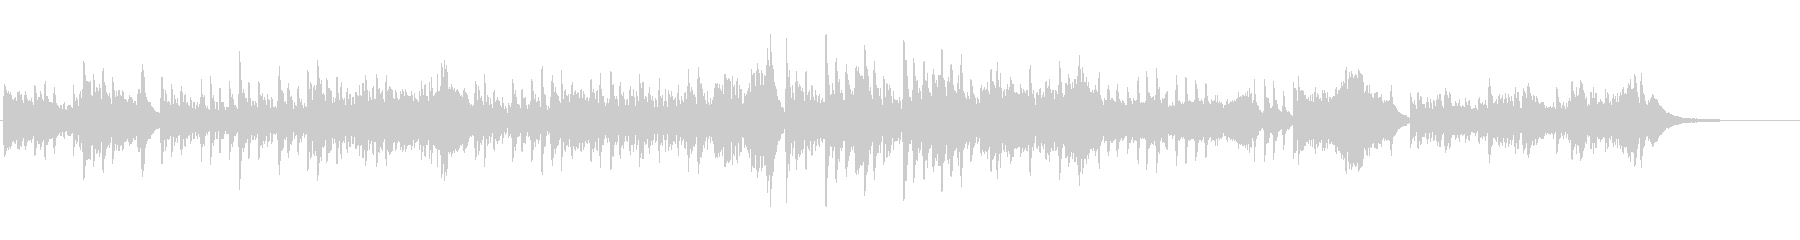 ハープの調べによる切なく多幸感のある楽曲の未再生の波形